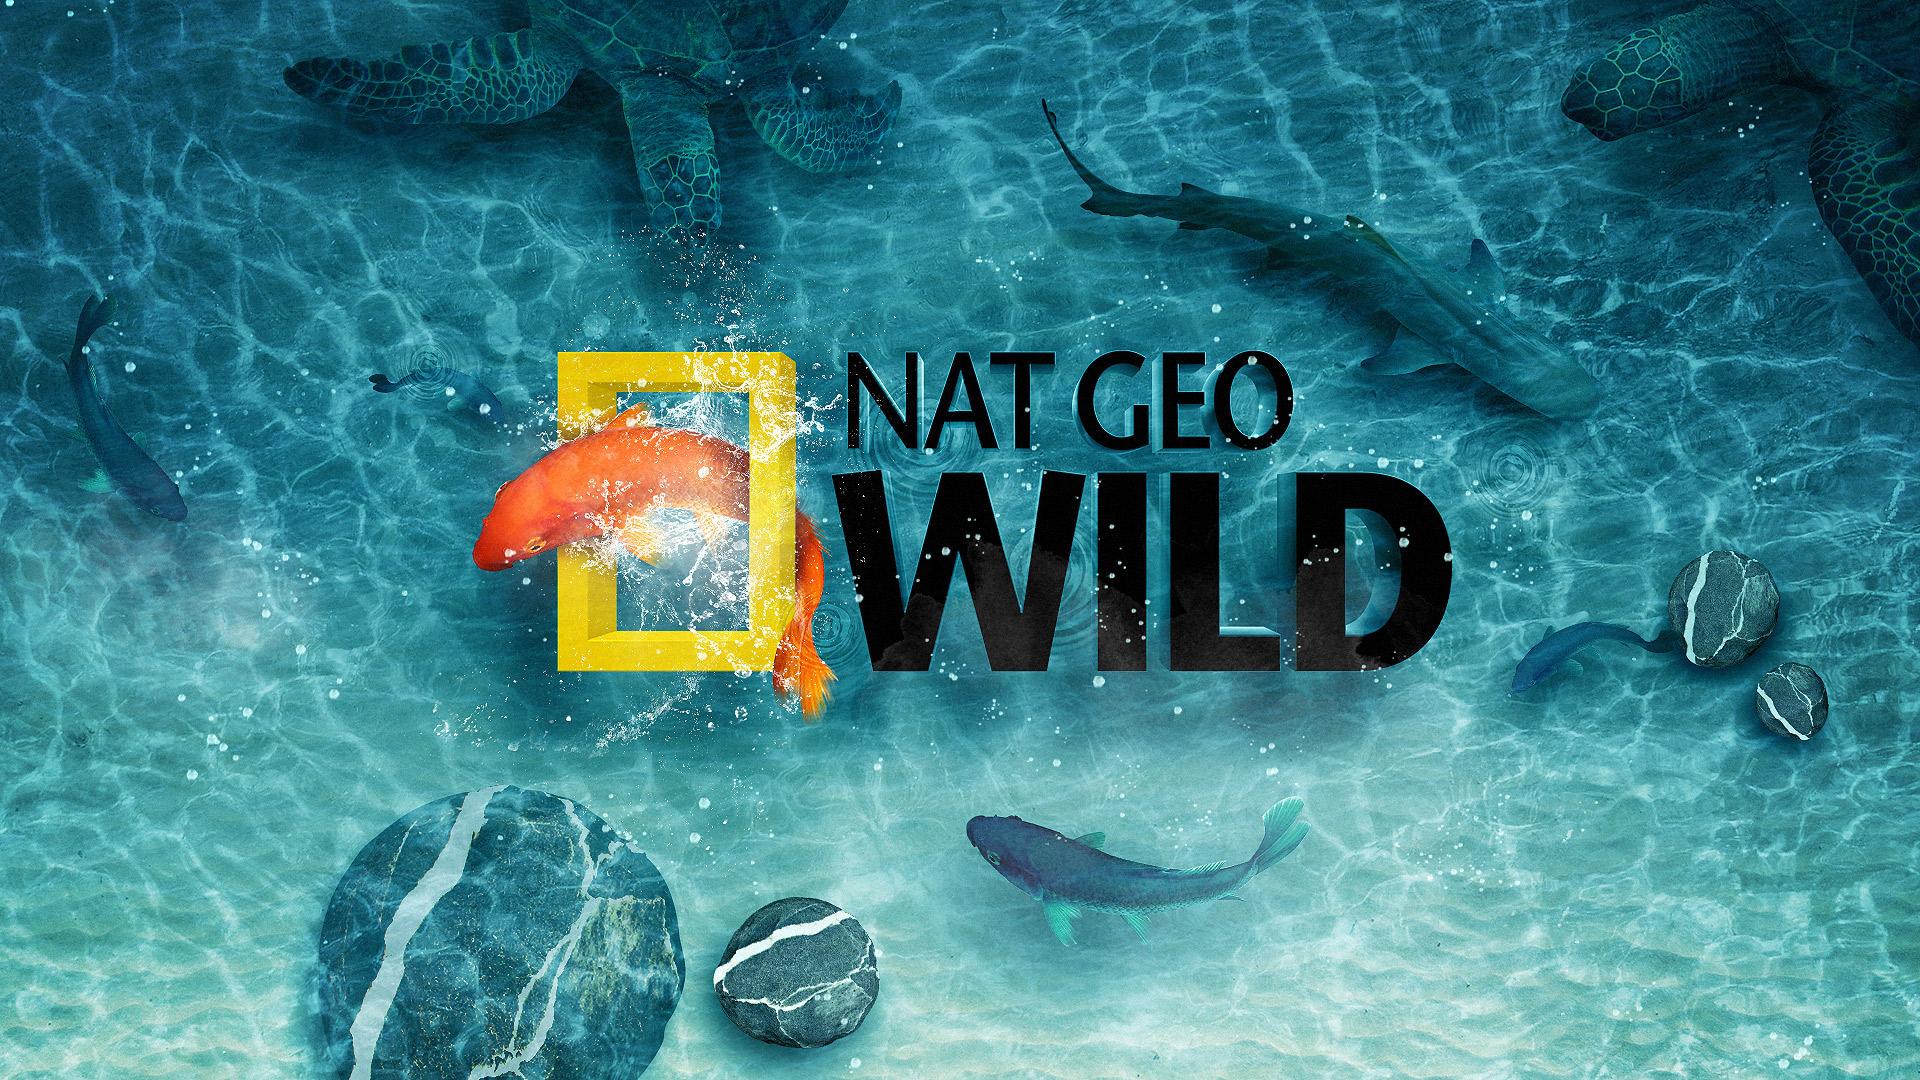 nat geo wild wallpaper hd